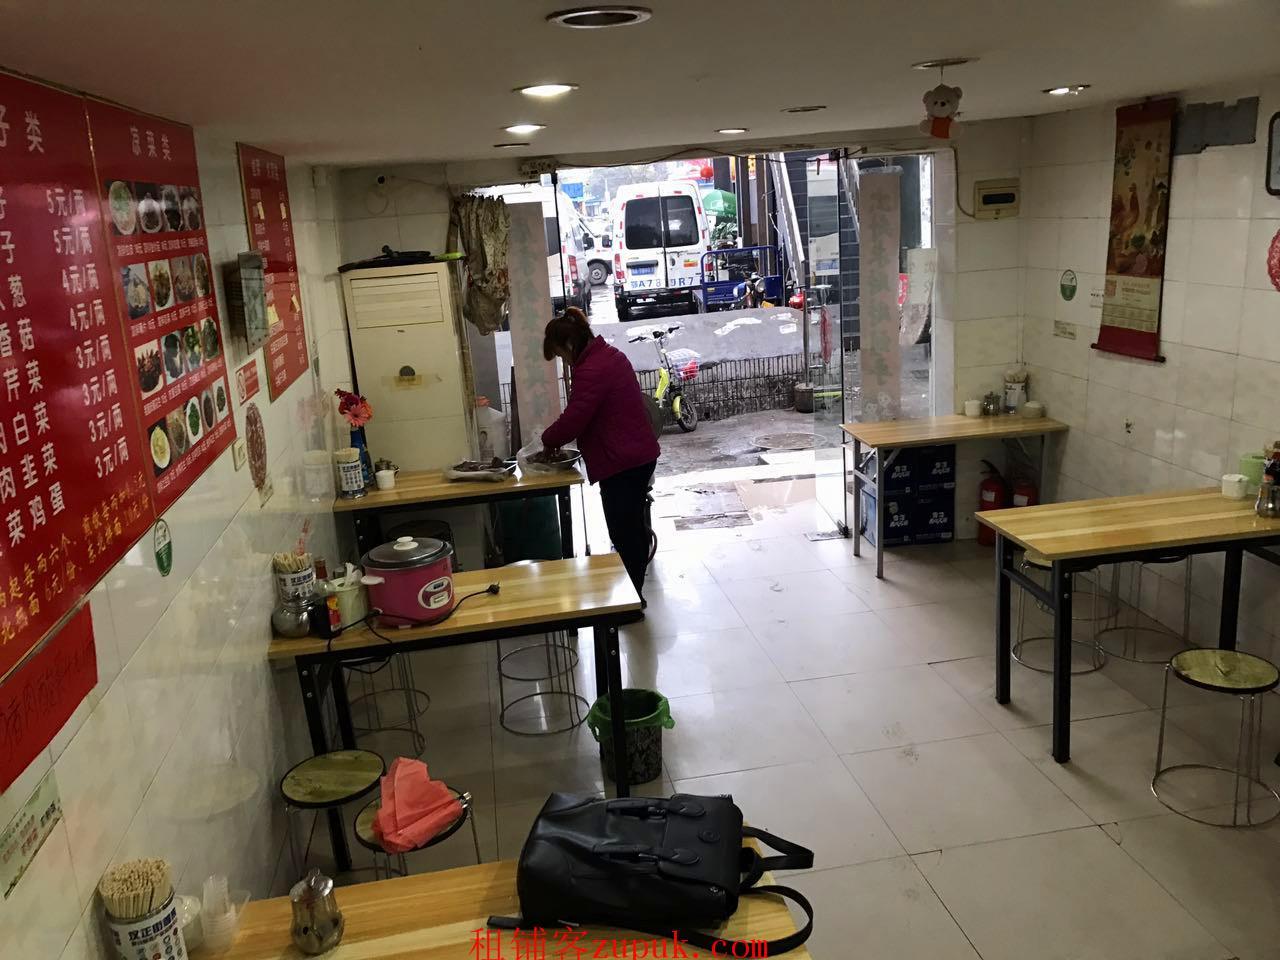 友谊南路泰源轻纺城哈尔滨饺子馆餐饮店转让